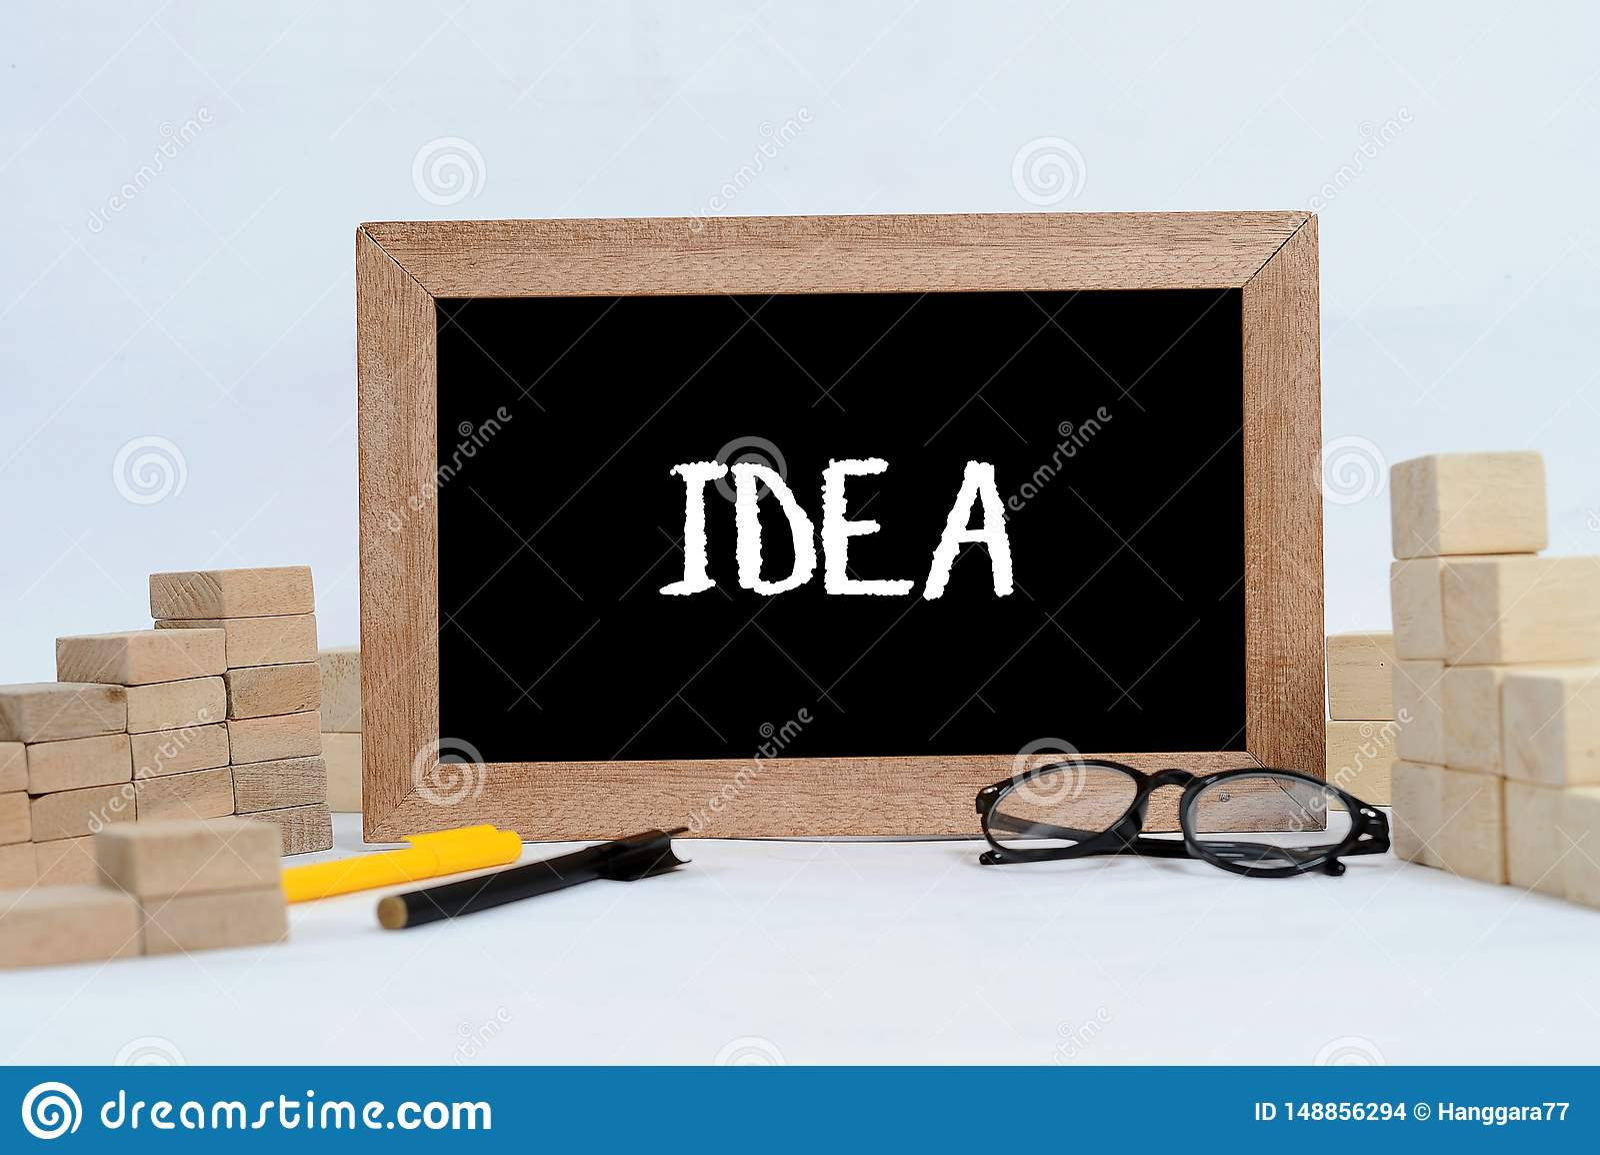 Encontre a IDEIA para que o conceito ou a estrat?gia empresarial do neg?cio obtenha o melhor objetivo na boa vis?o e a miss?o no